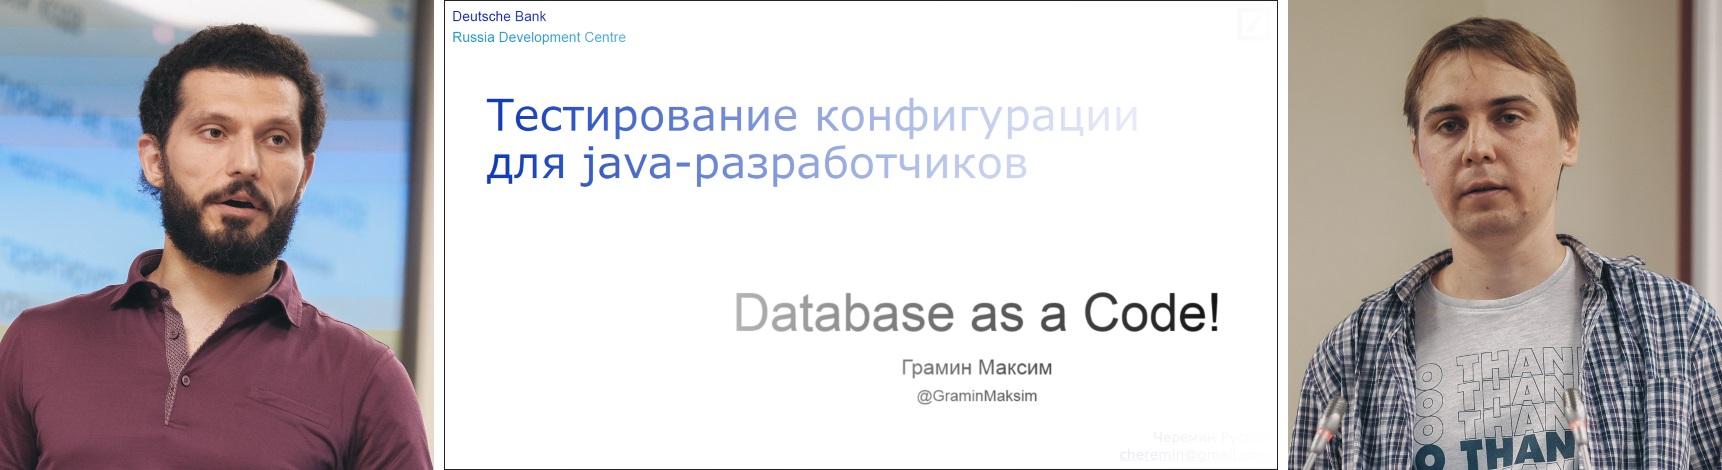 Руслан Черёмин и Максим Грамин — работа с окружением на jug.msk.ru - 1